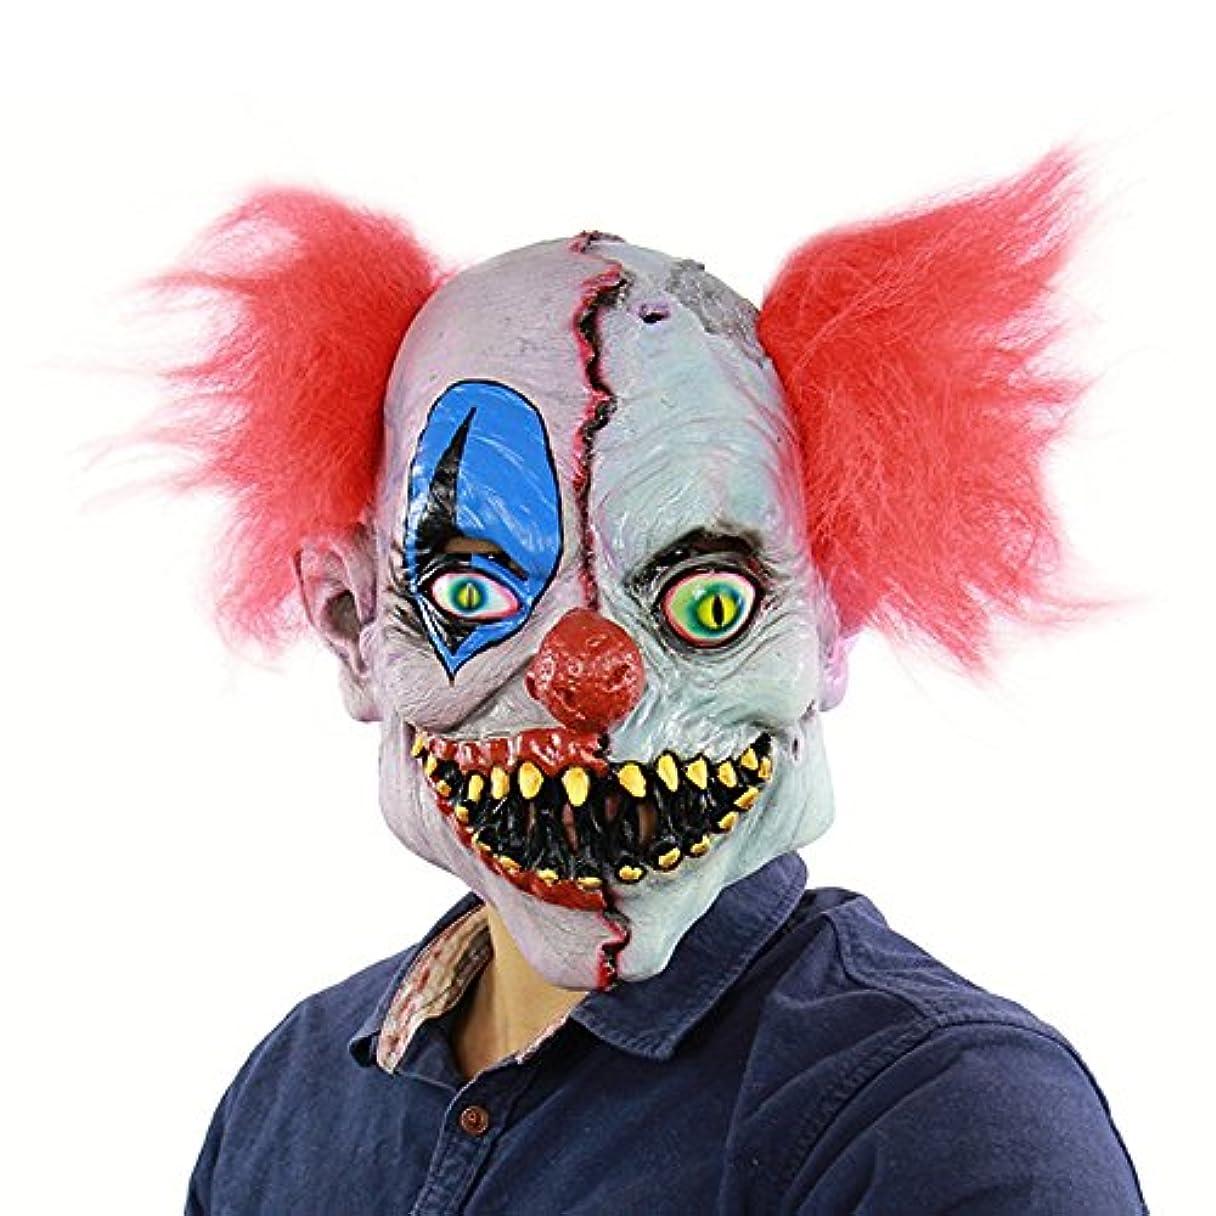 許容できるピアース逆さまにハロウィンホラー腐った顔ピエロラテックスゴーストマスクお化け屋敷ドレッシングヘッドカバー